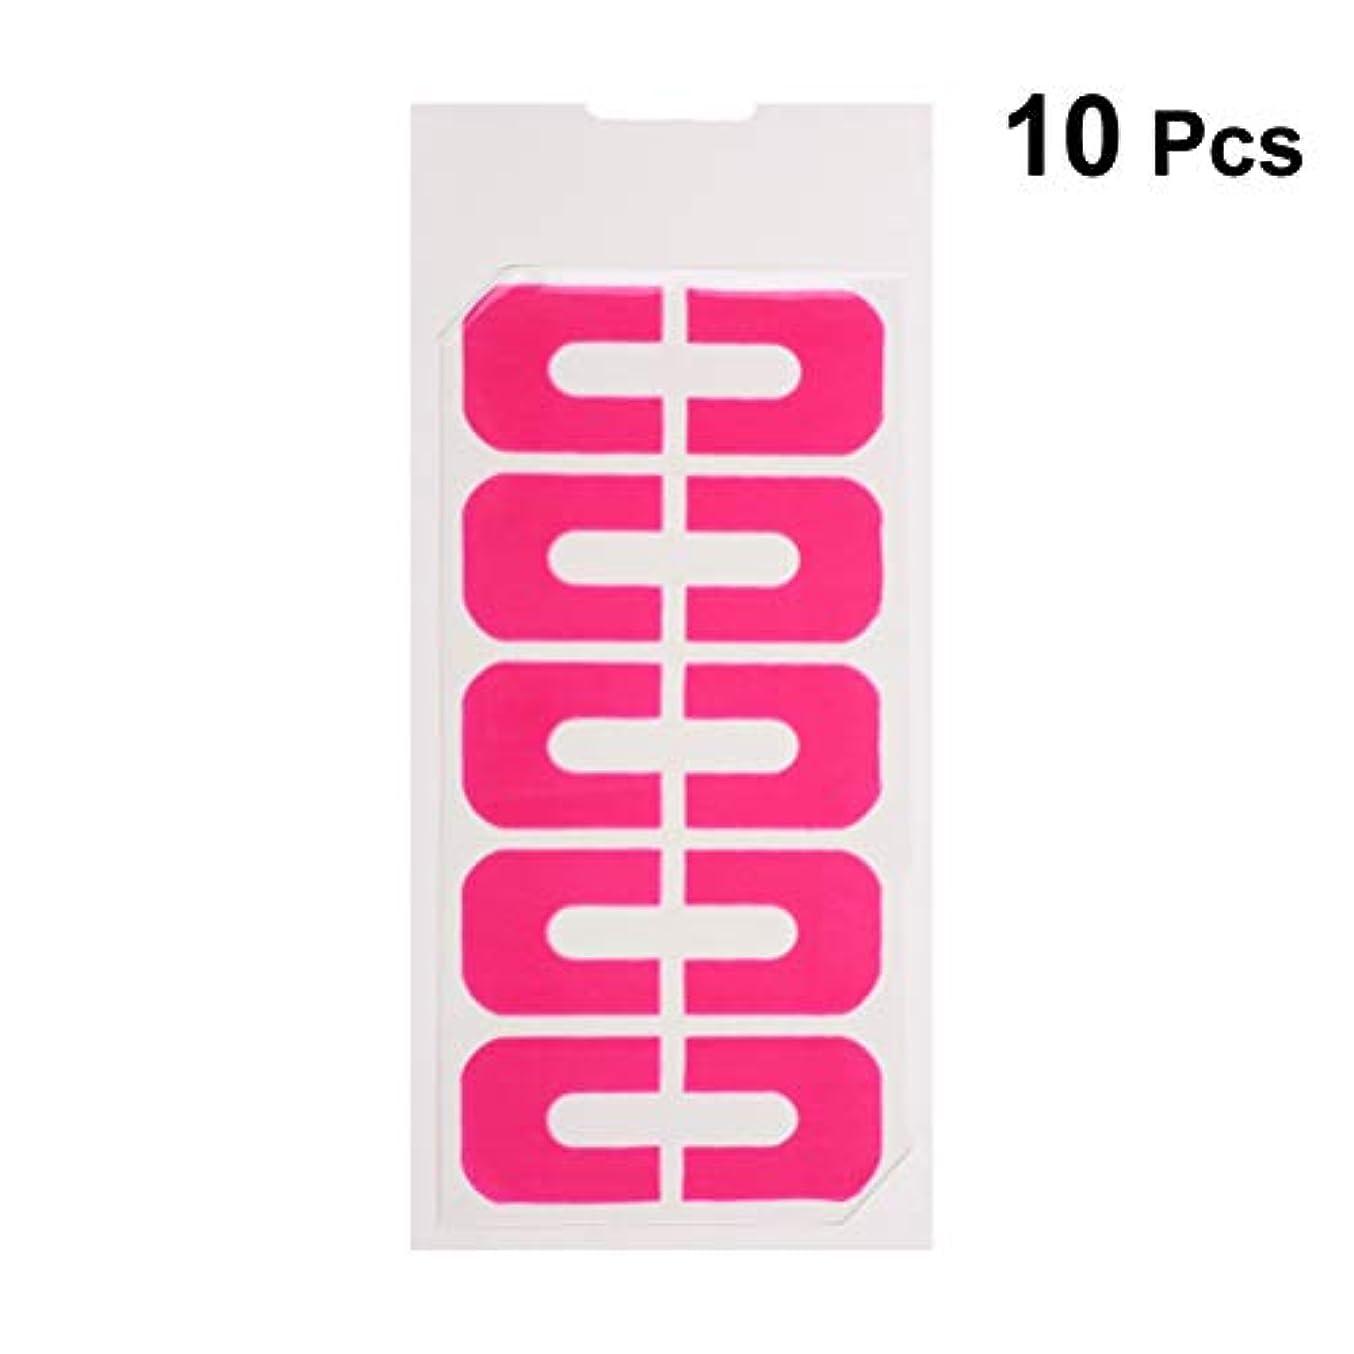 リズミカルなペンスLurrose ネイルポリッシュプロテクターステッカーネイルアートキューティクルガードスキンバリアプロテクタージェルネイルチップ10枚